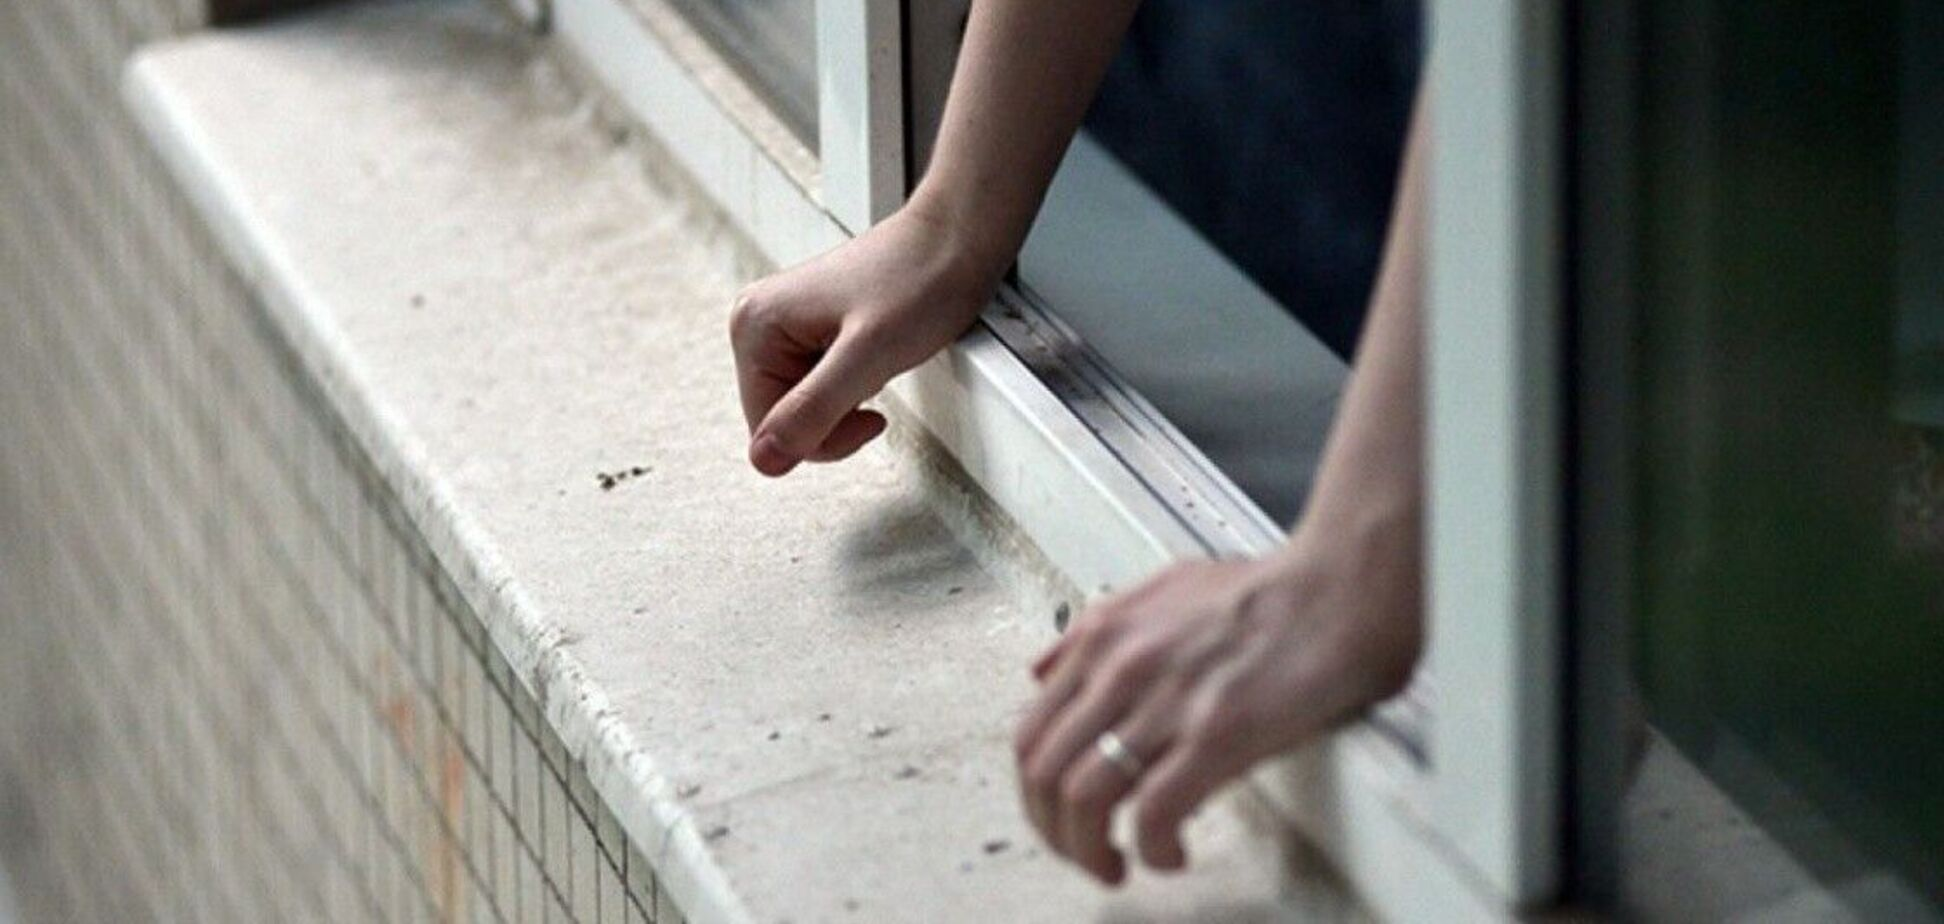 В Днепре мужчина разбился, выпав из окна многоэтажки. Фото 18+